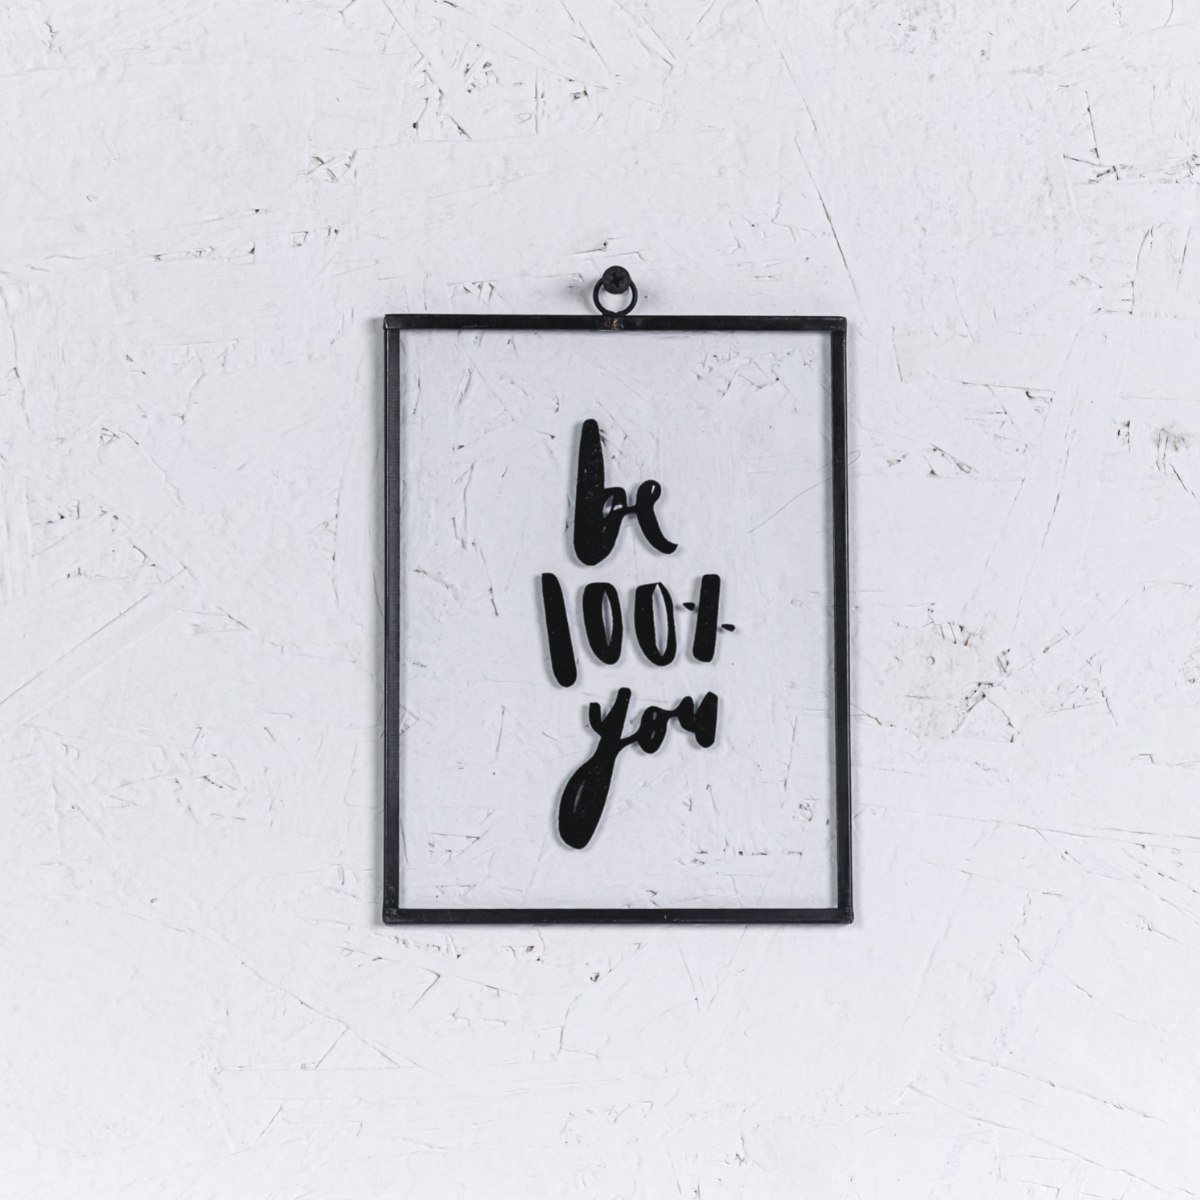 שלט זכוכית בינוני - BE 100% (שחור)